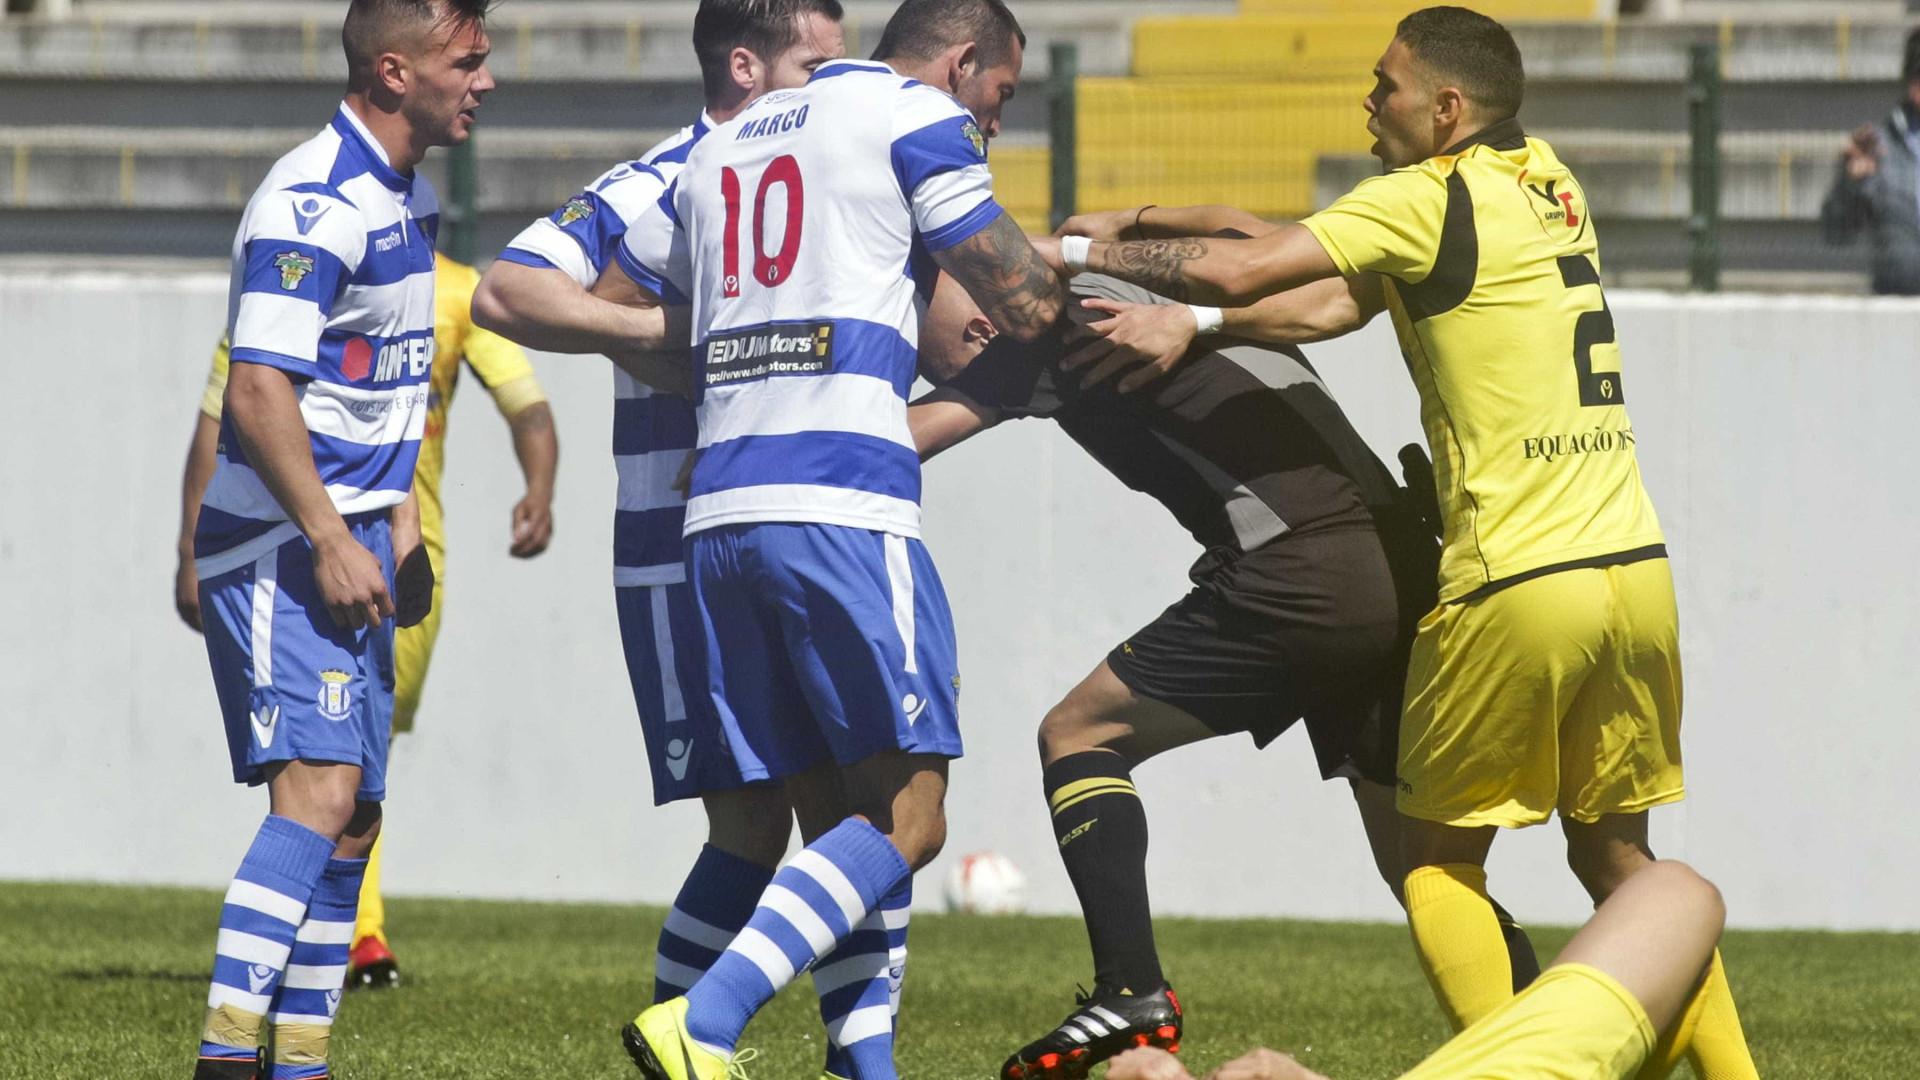 Futebolista do Canelas no banco dos reús após agressão a árbitro